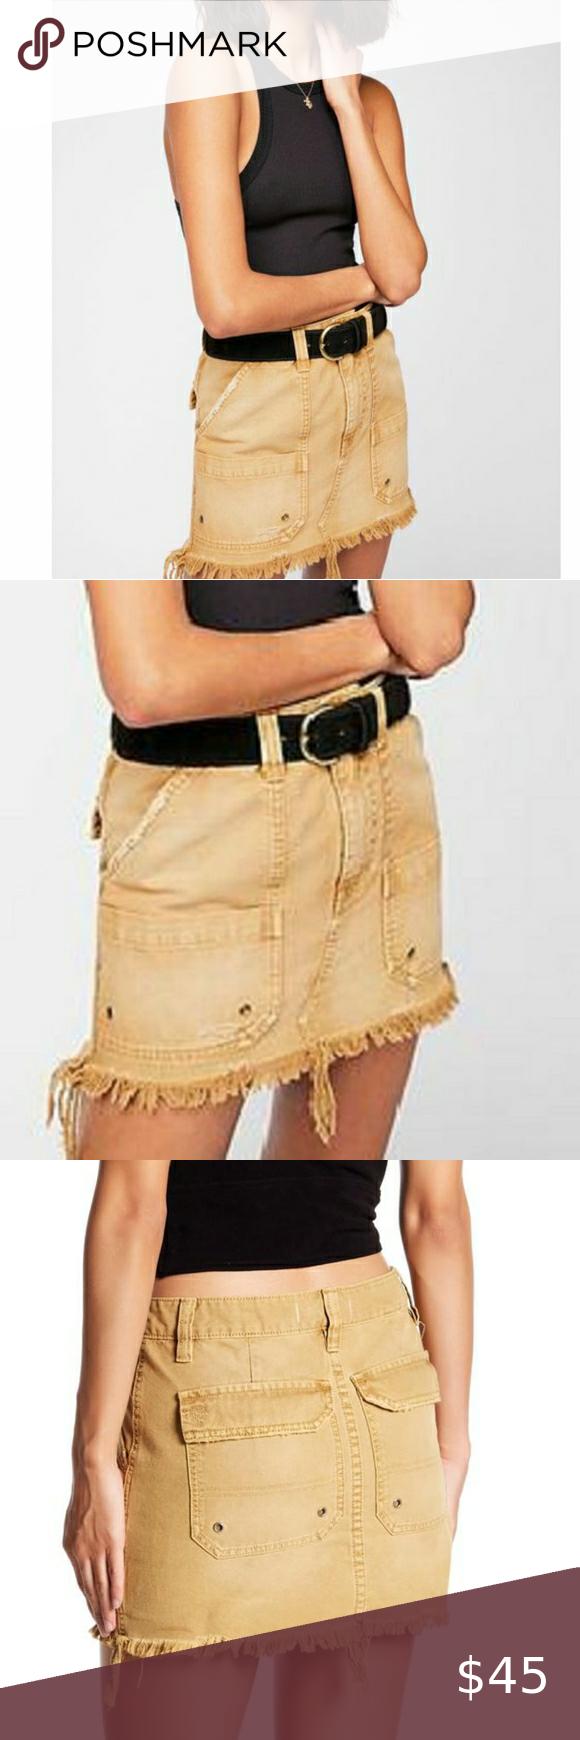 Gold mini skirts size 25 Pin On My Posh Picks